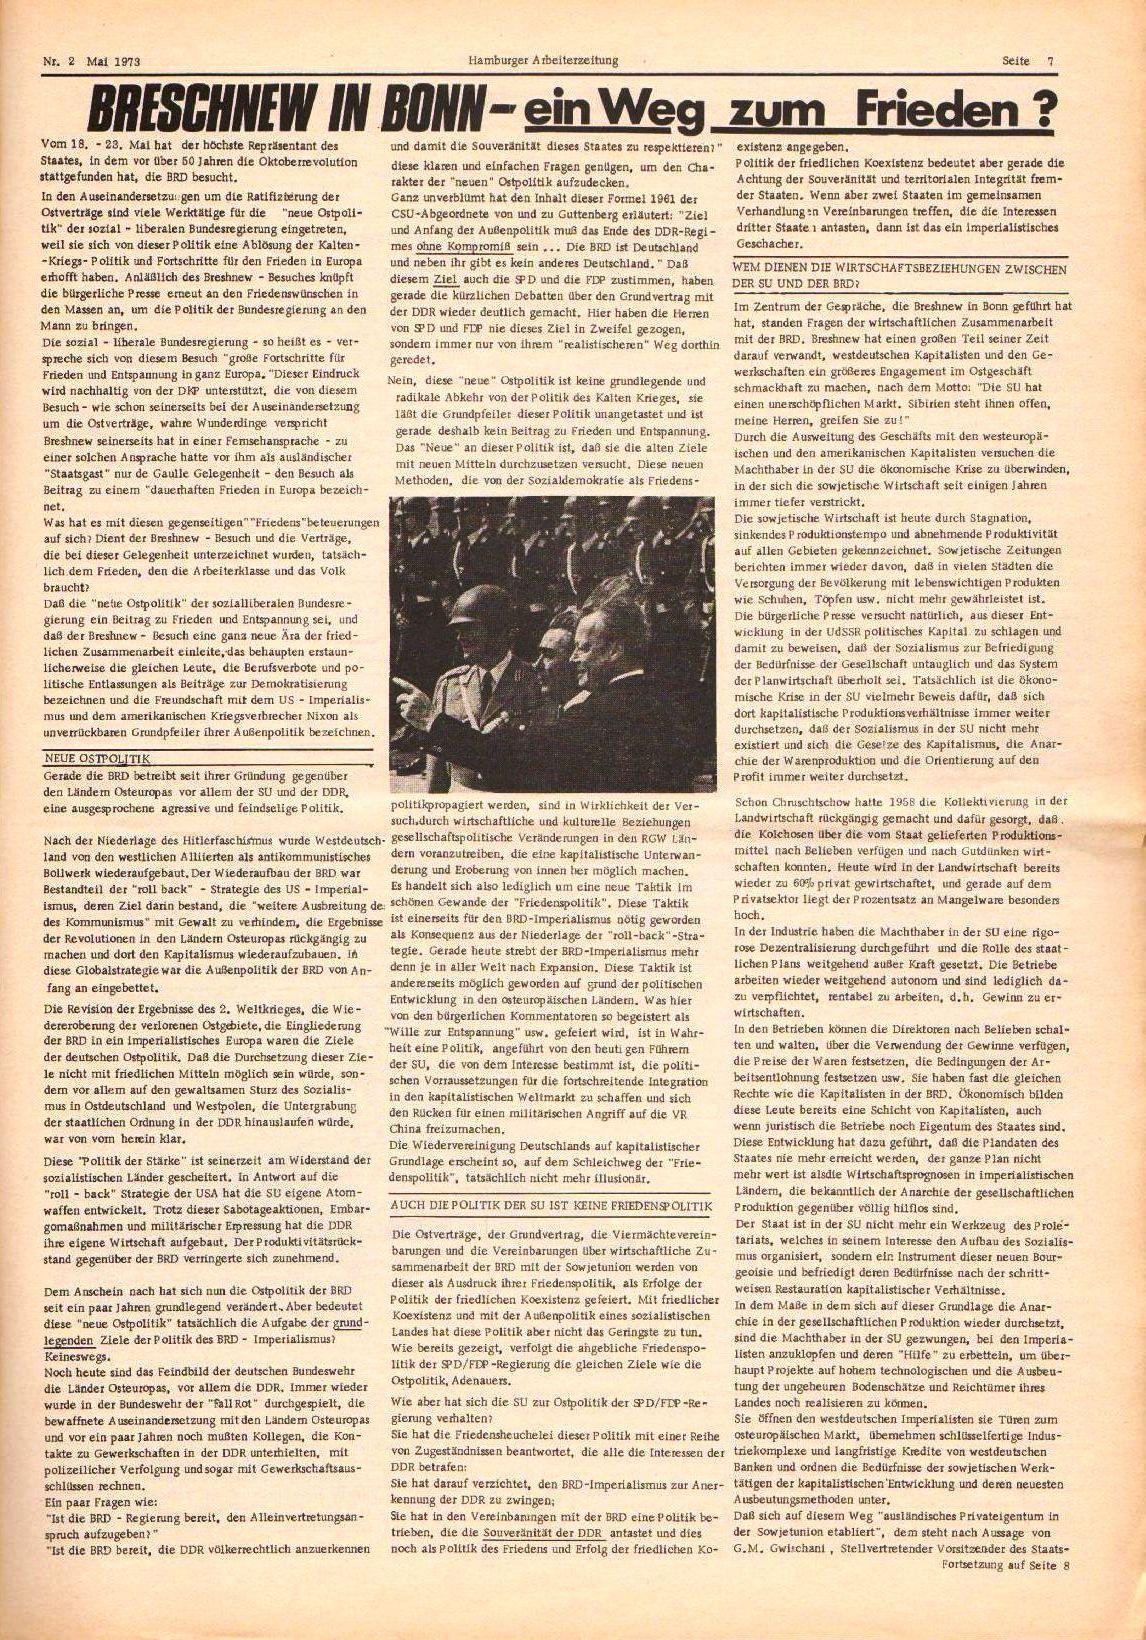 Hamburger_Arbeiterzeitung035